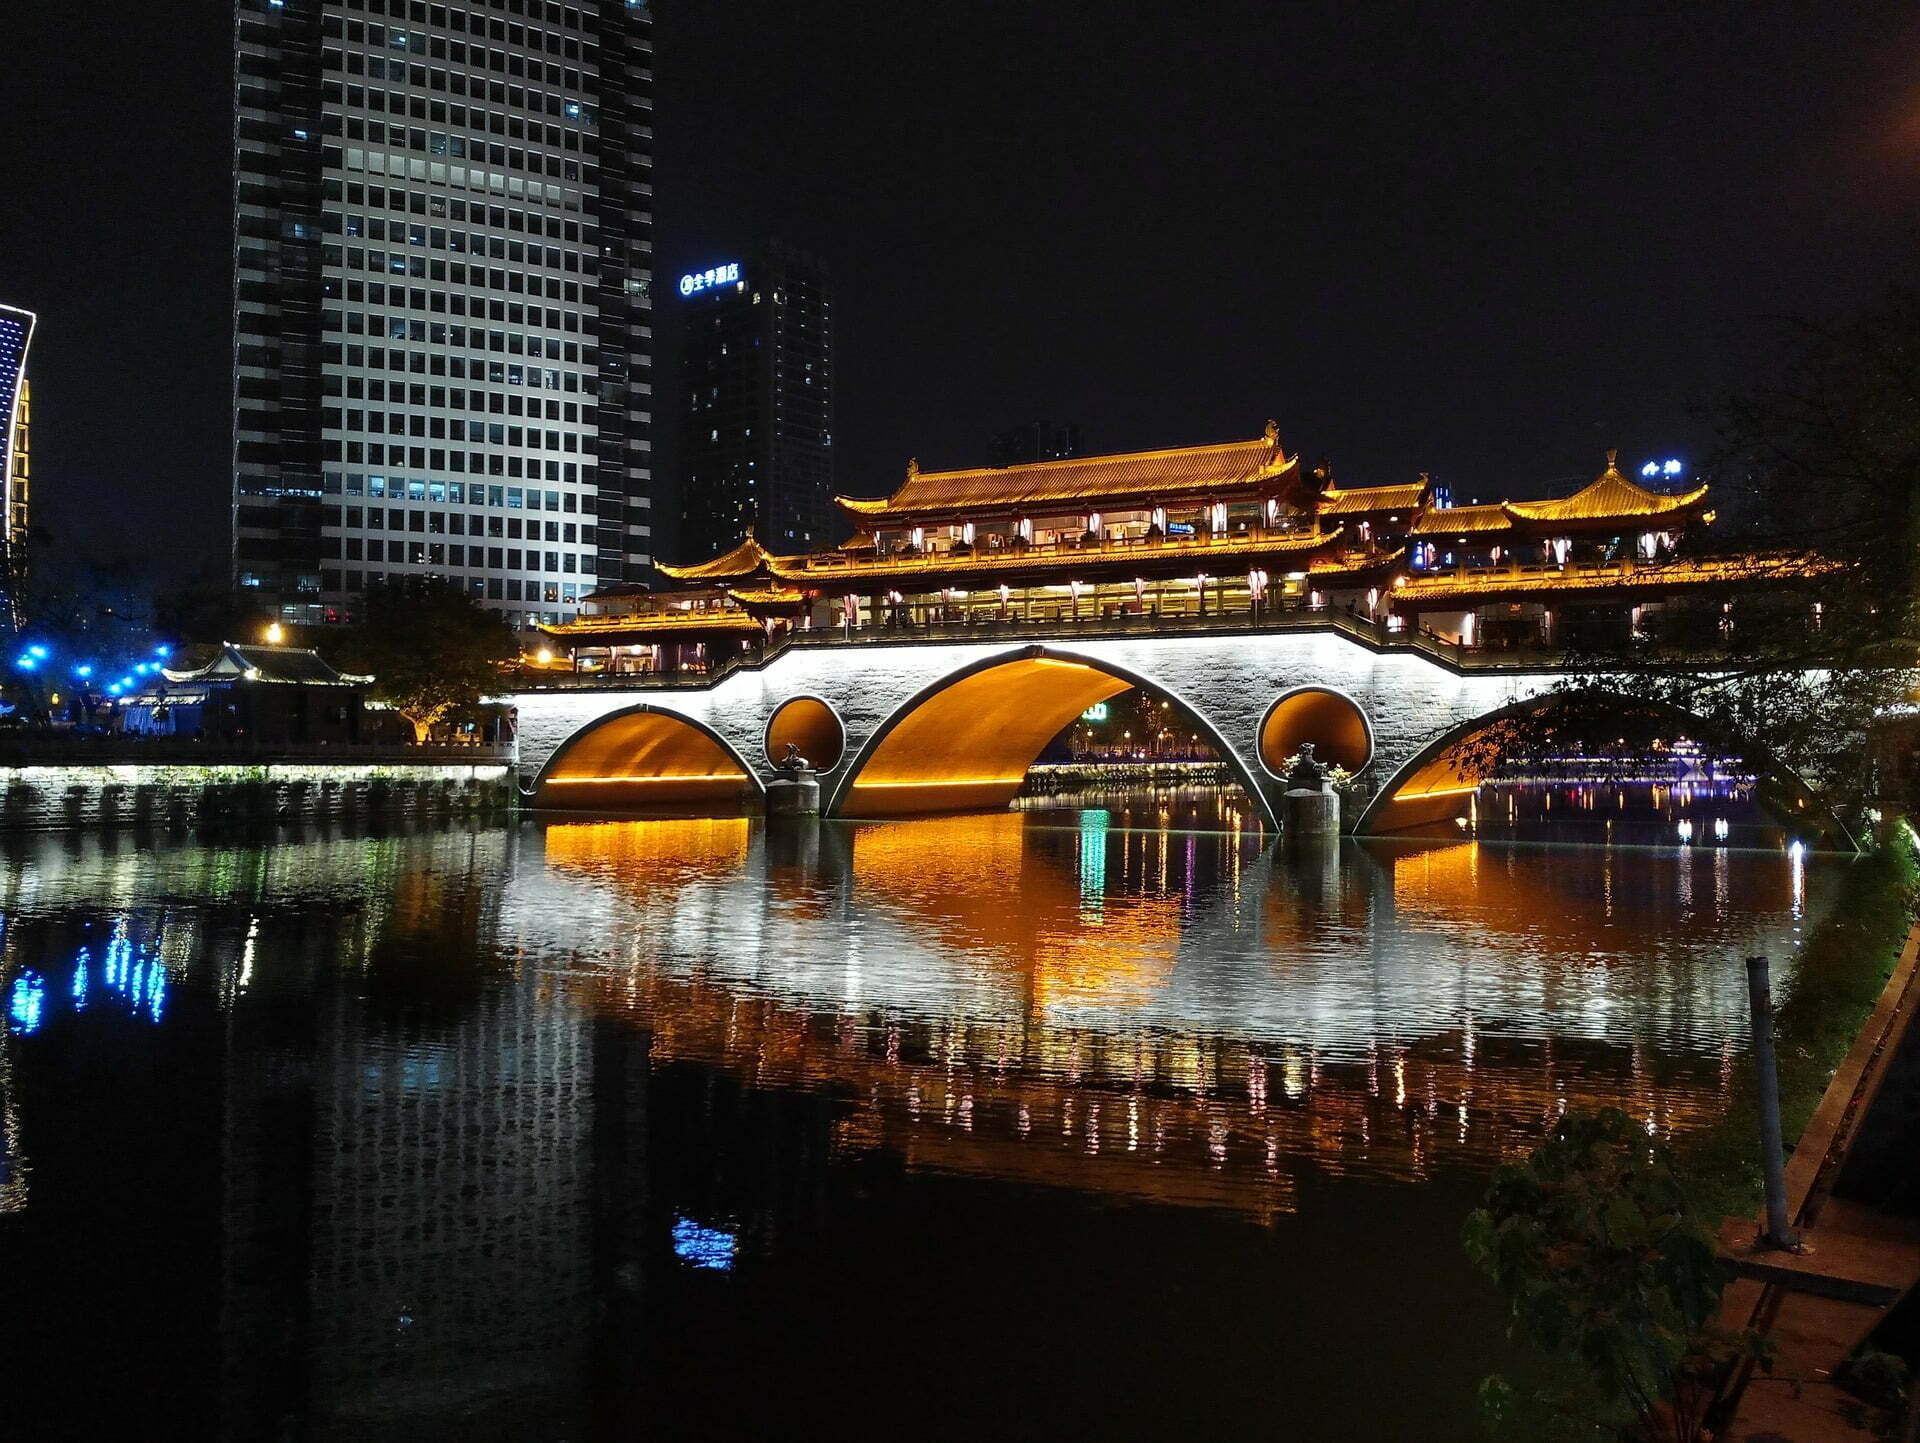 รูปภาพ : เที่ยวจีน เฉิงตู